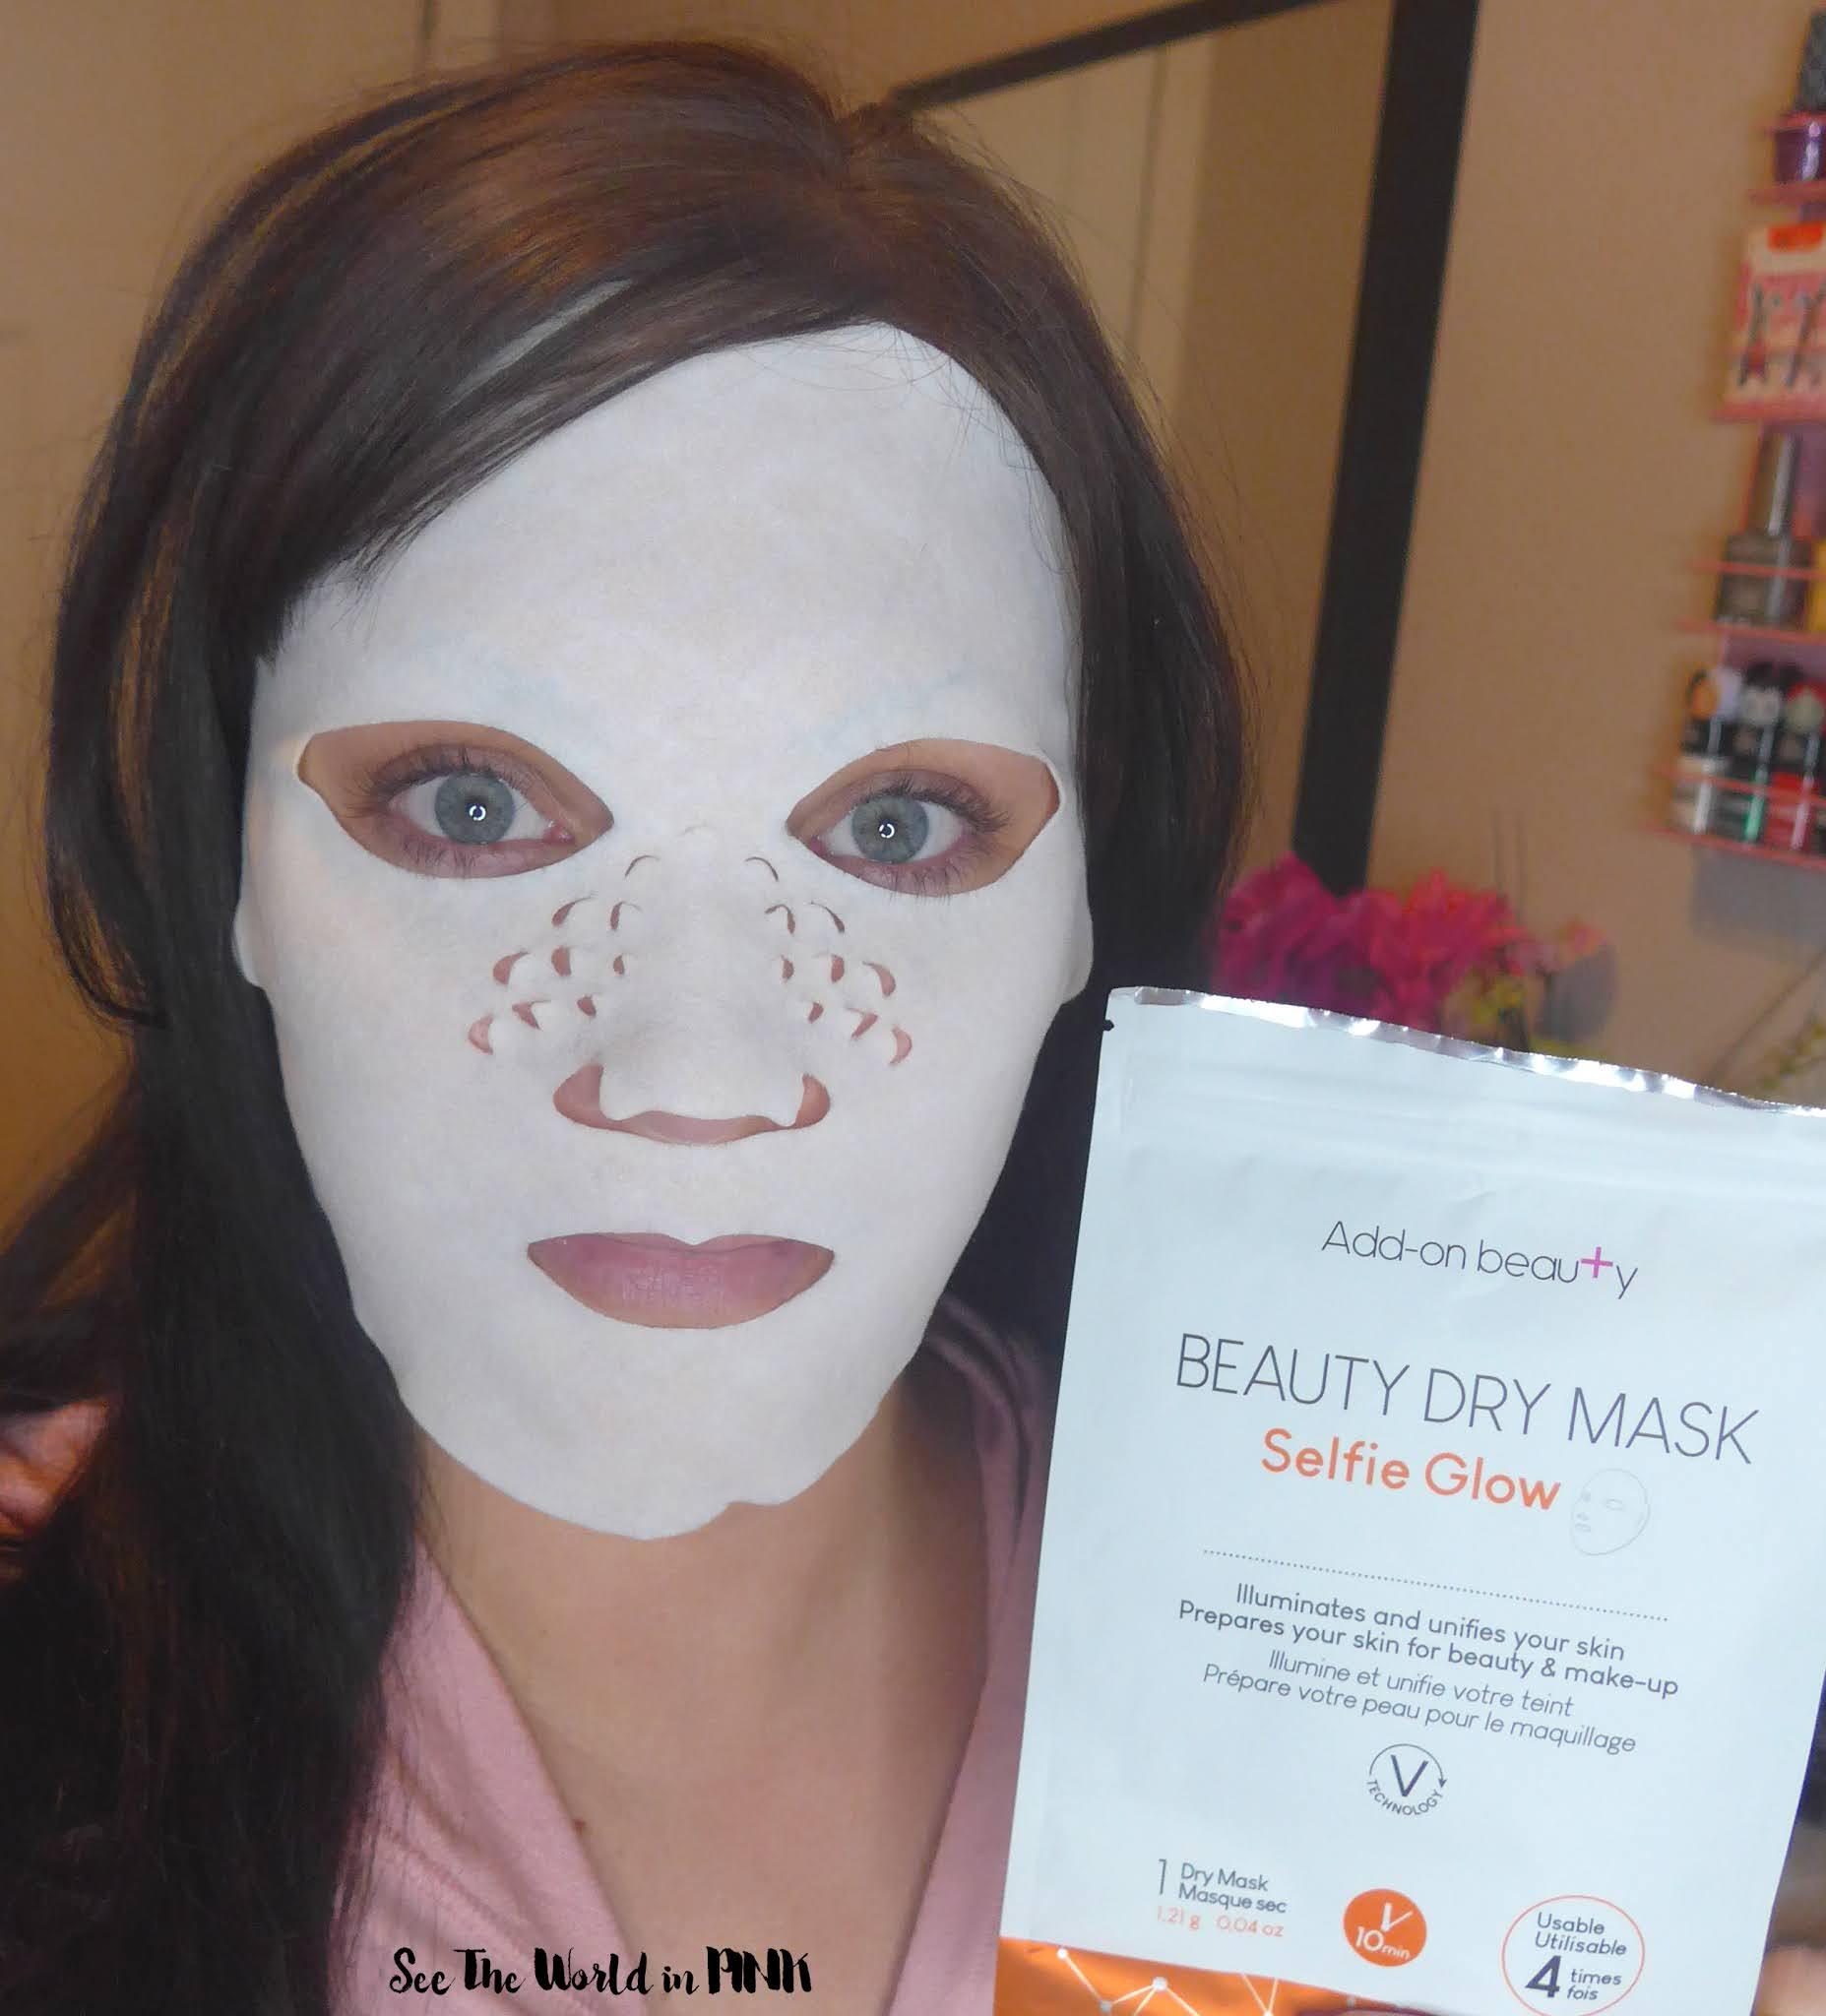 Add-on Beauty - Selfie Glow Dry Mask